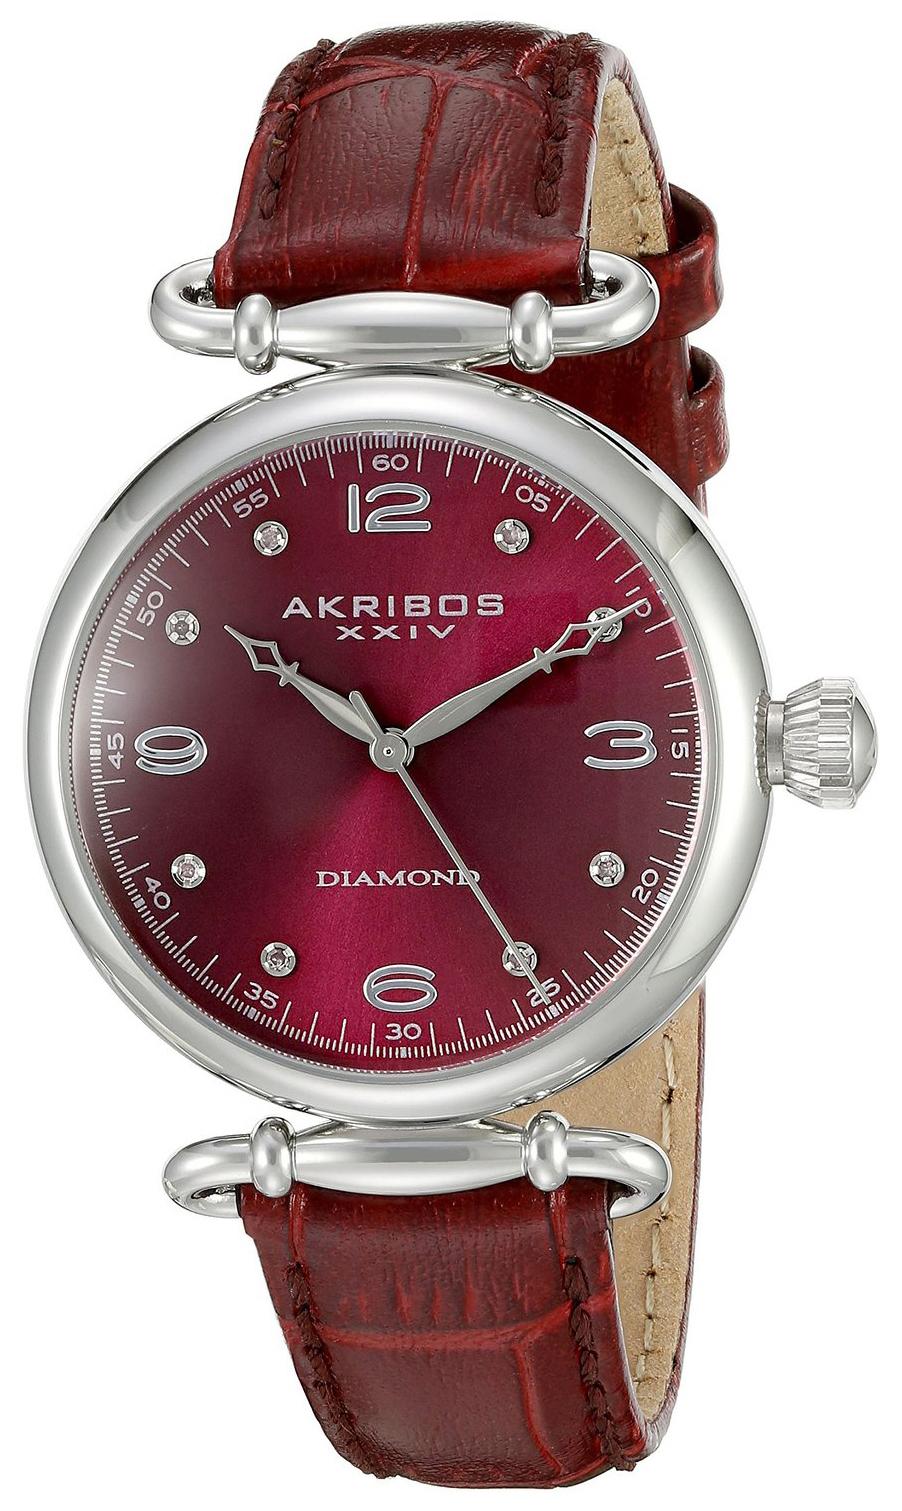 Akribos XXIV Diamond Dameklokke AK878BUR Rød/Lær Ø35 mm - Akribos XXIV